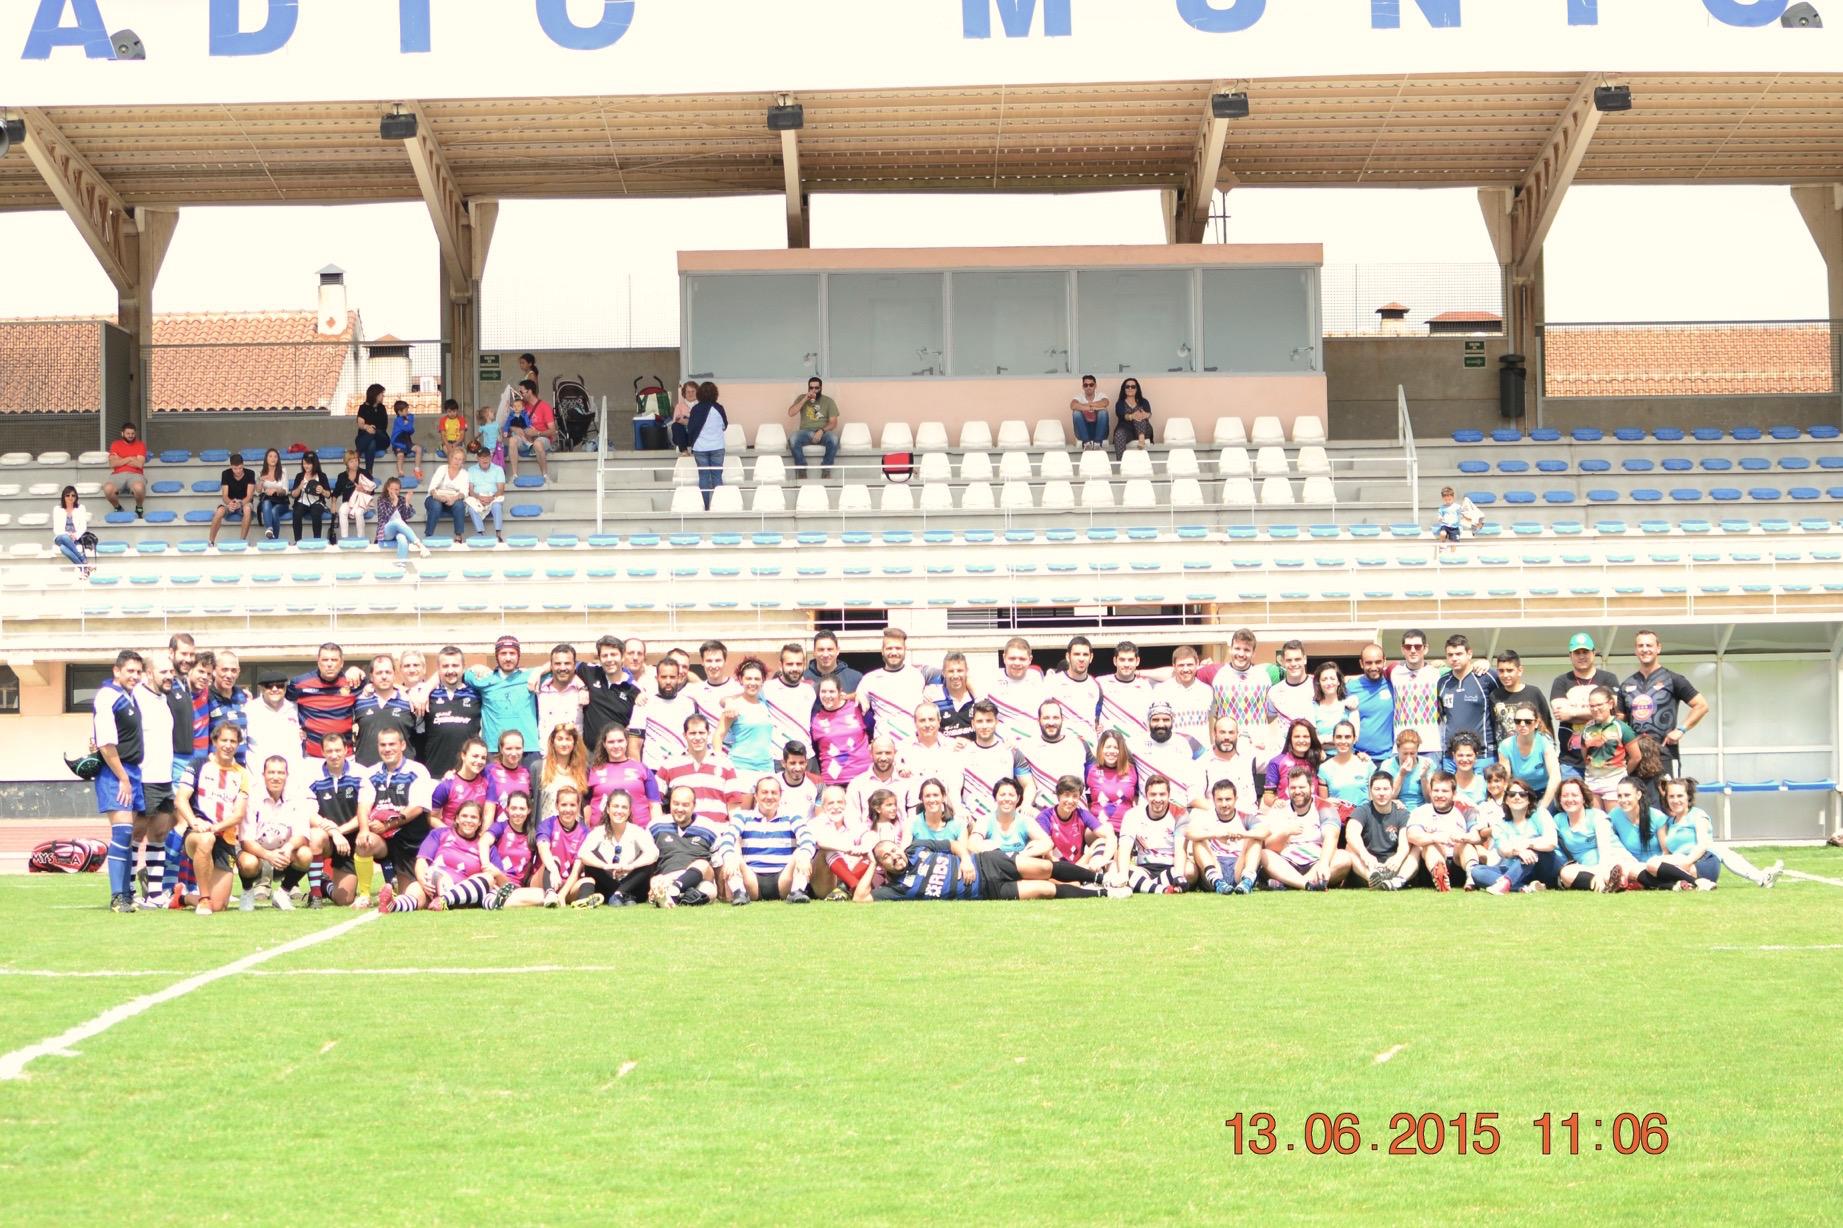 Dia del Club Arlequines Miguelturra - junio 2015 / Arlequines Miguelturra Rugby Club